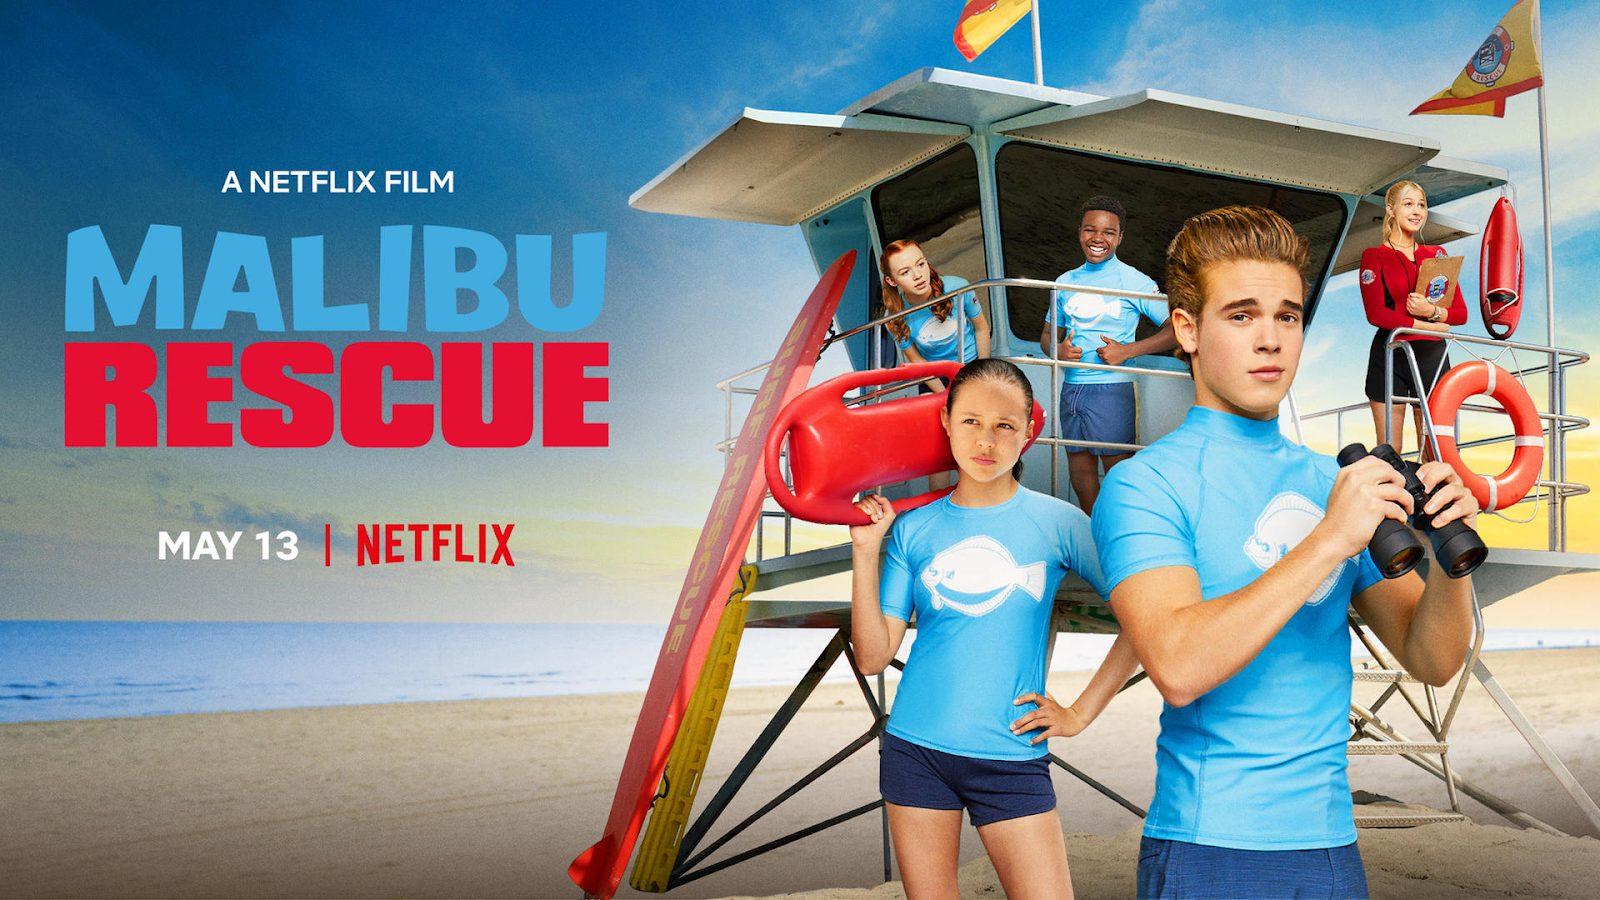 Malibu Rescue – The Movie (2019)